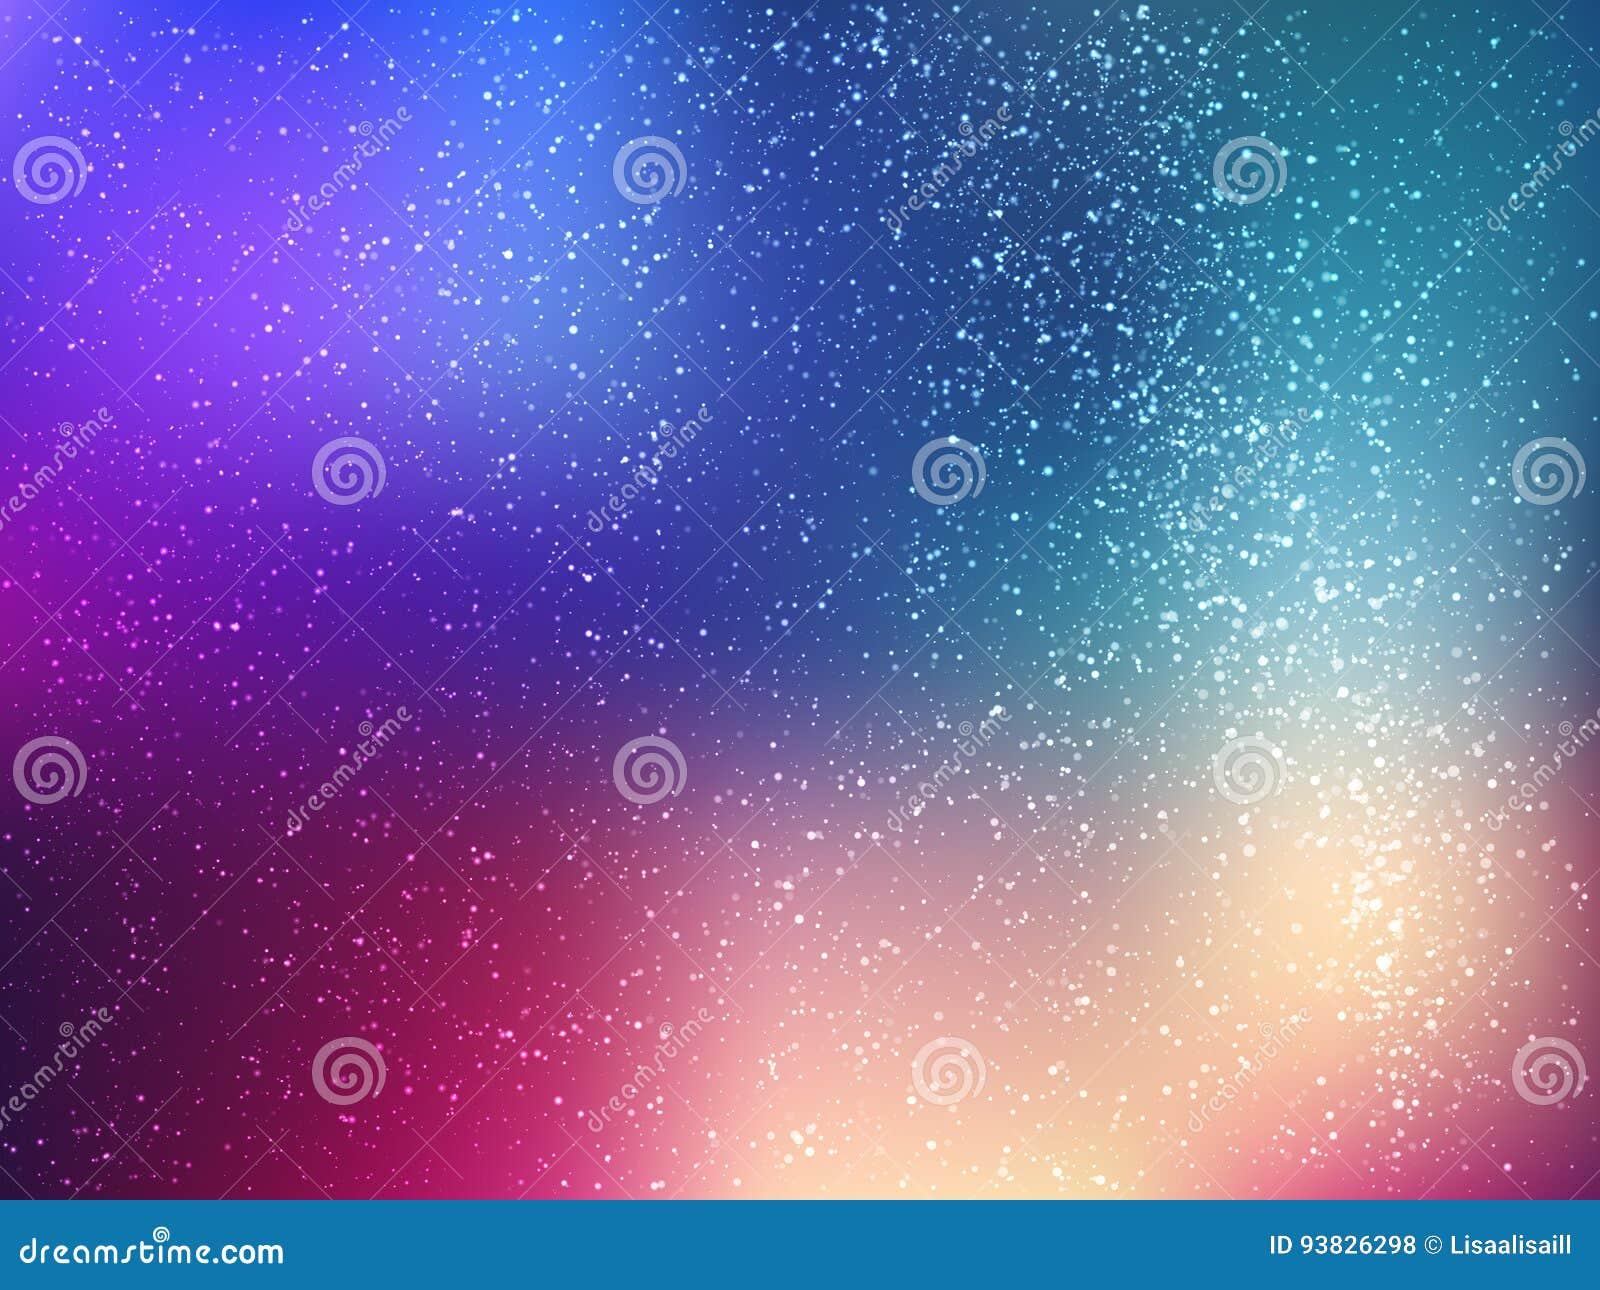 Fundo do vetor de espaço com estrelas Ilustração do universo Contexto colorido do cosmos com claster das estrelas